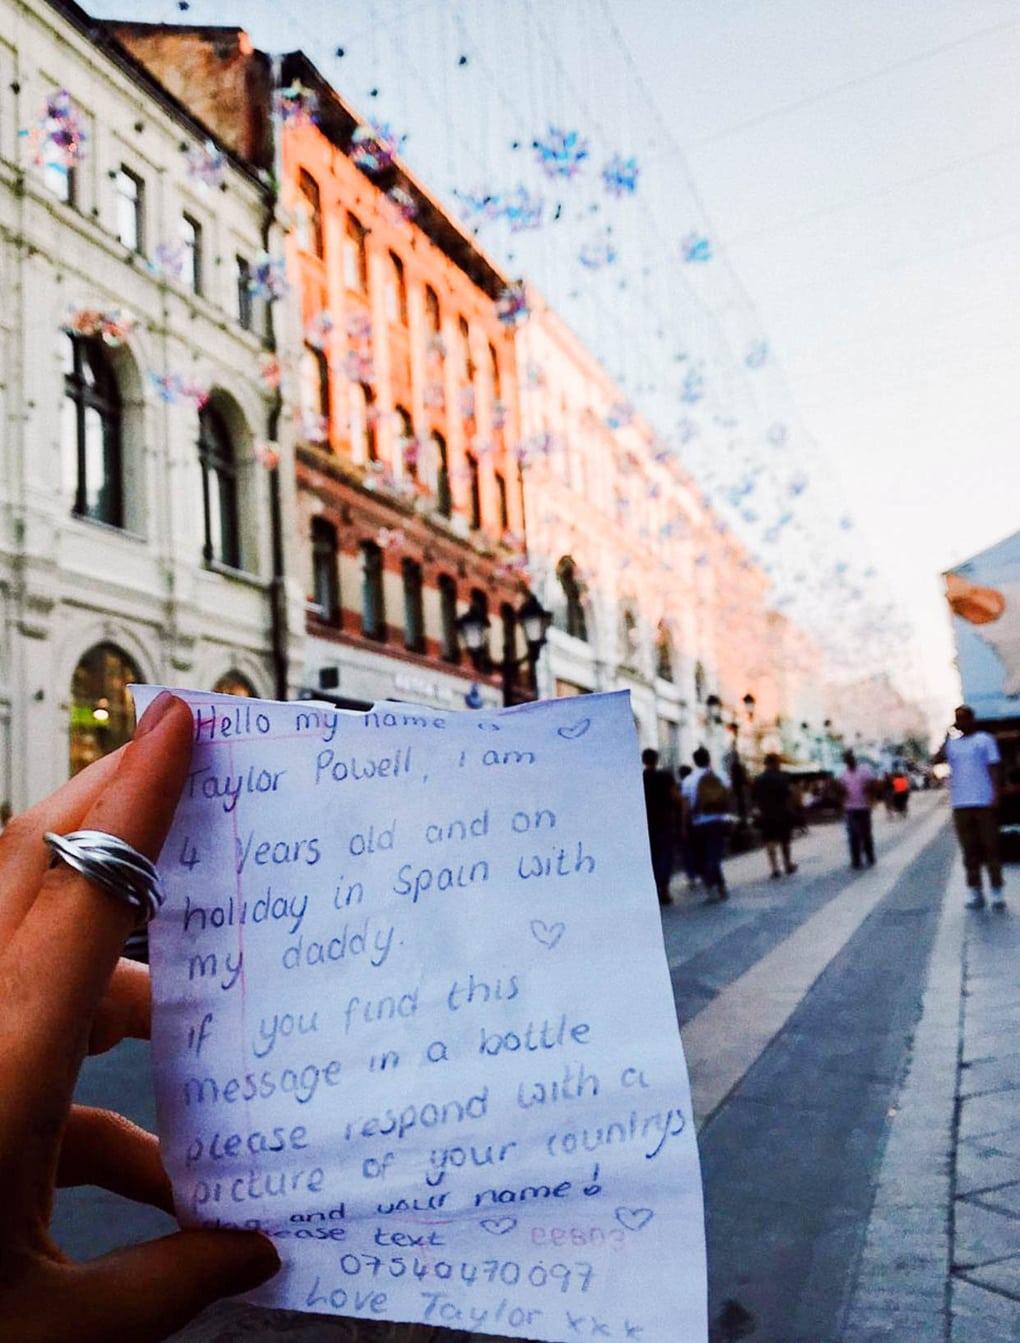 2 11 - Девочка бросила в море бутылку с письмом в Испании и вряд ли ожидала, что ей ответят. Из Москвы